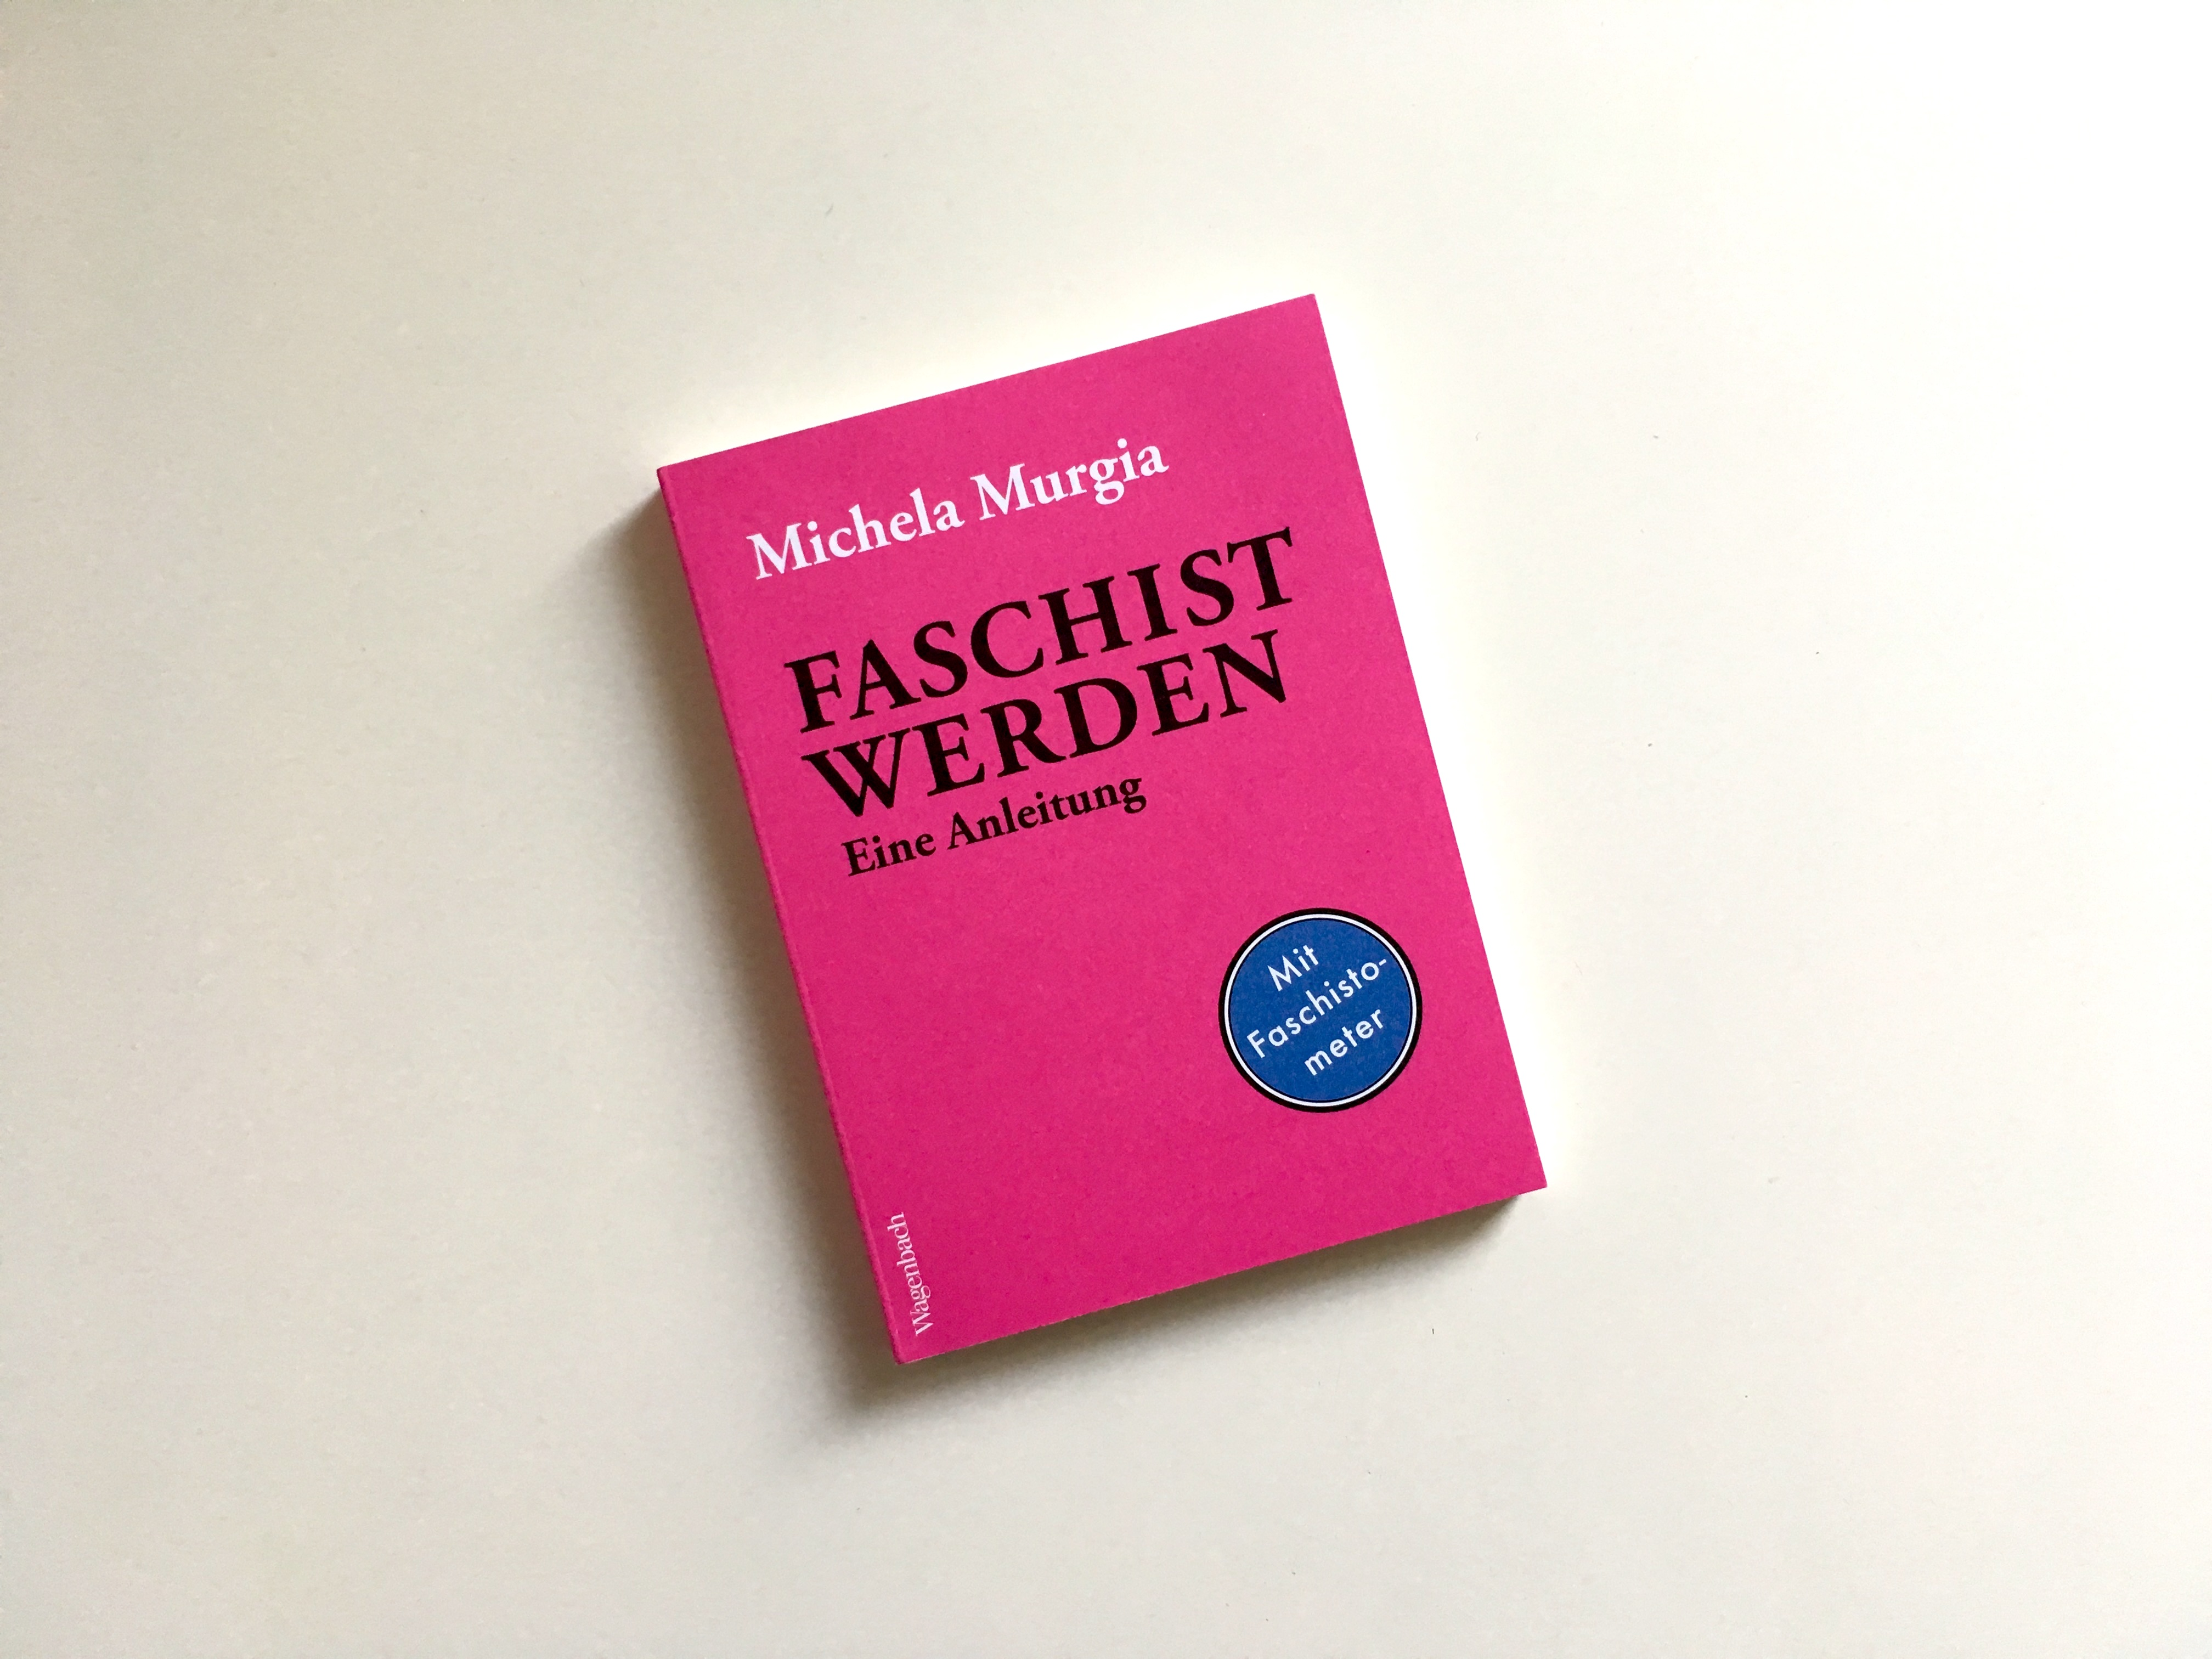 Michela Murgia: Faschist werden